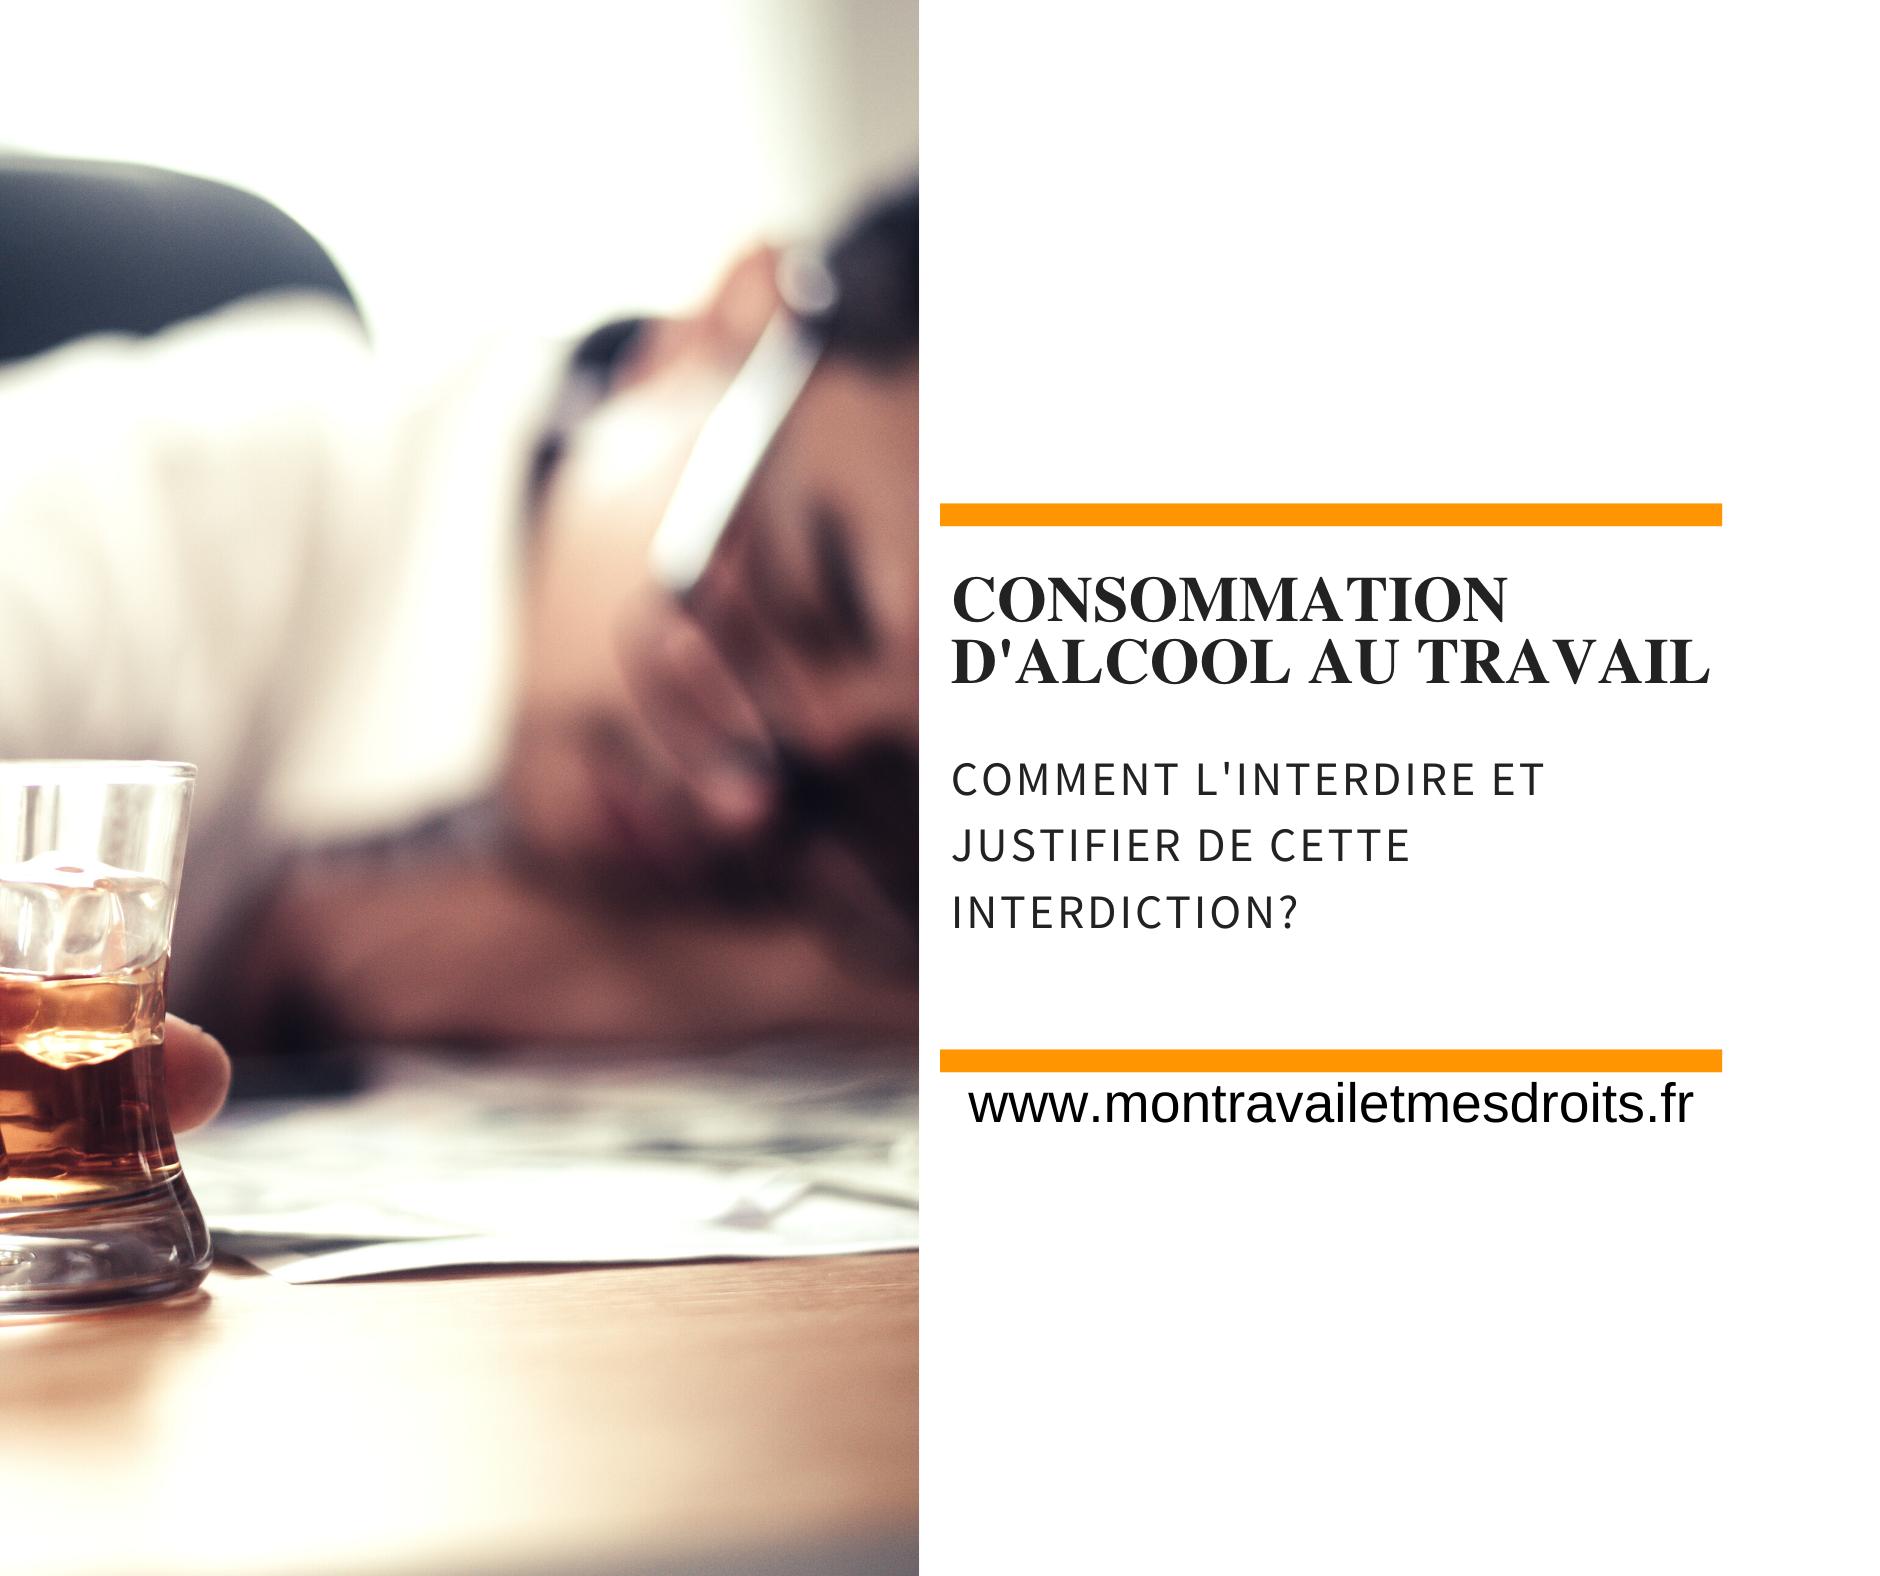 Comment mettre en place et justifier une interdiction totale de consommation d'alcool au travail ?